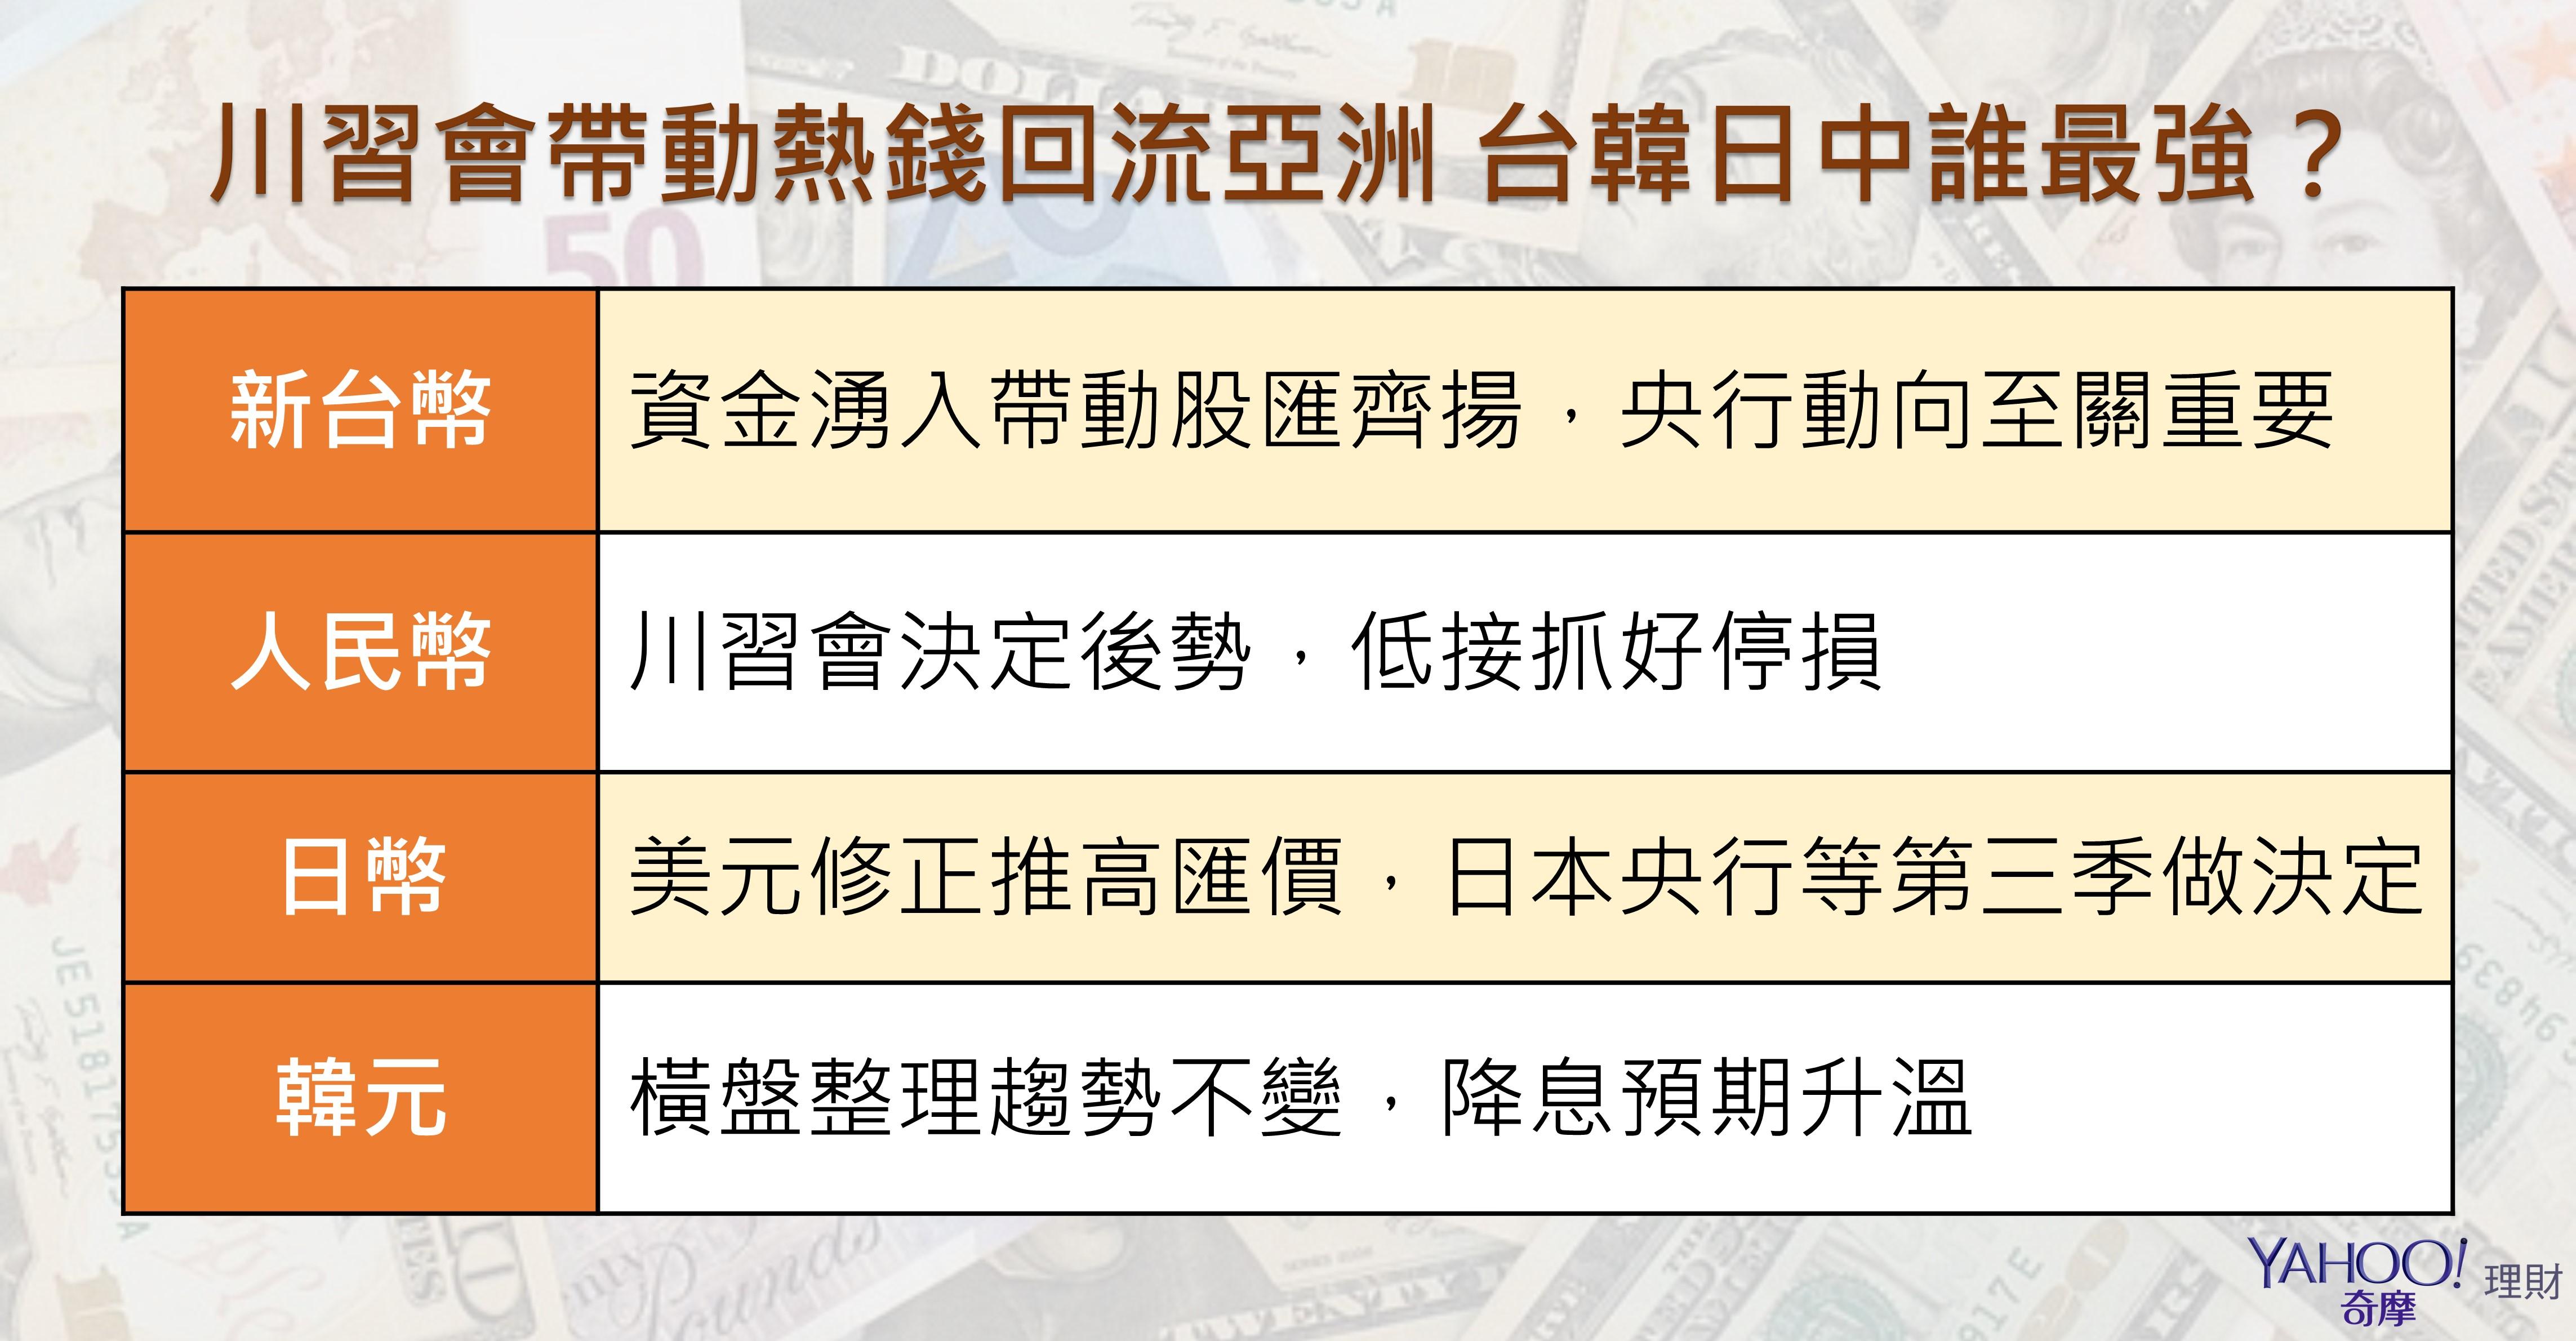 川習會帶動熱錢回流亞洲 台韓日中誰最強? - Yahoo奇摩理財